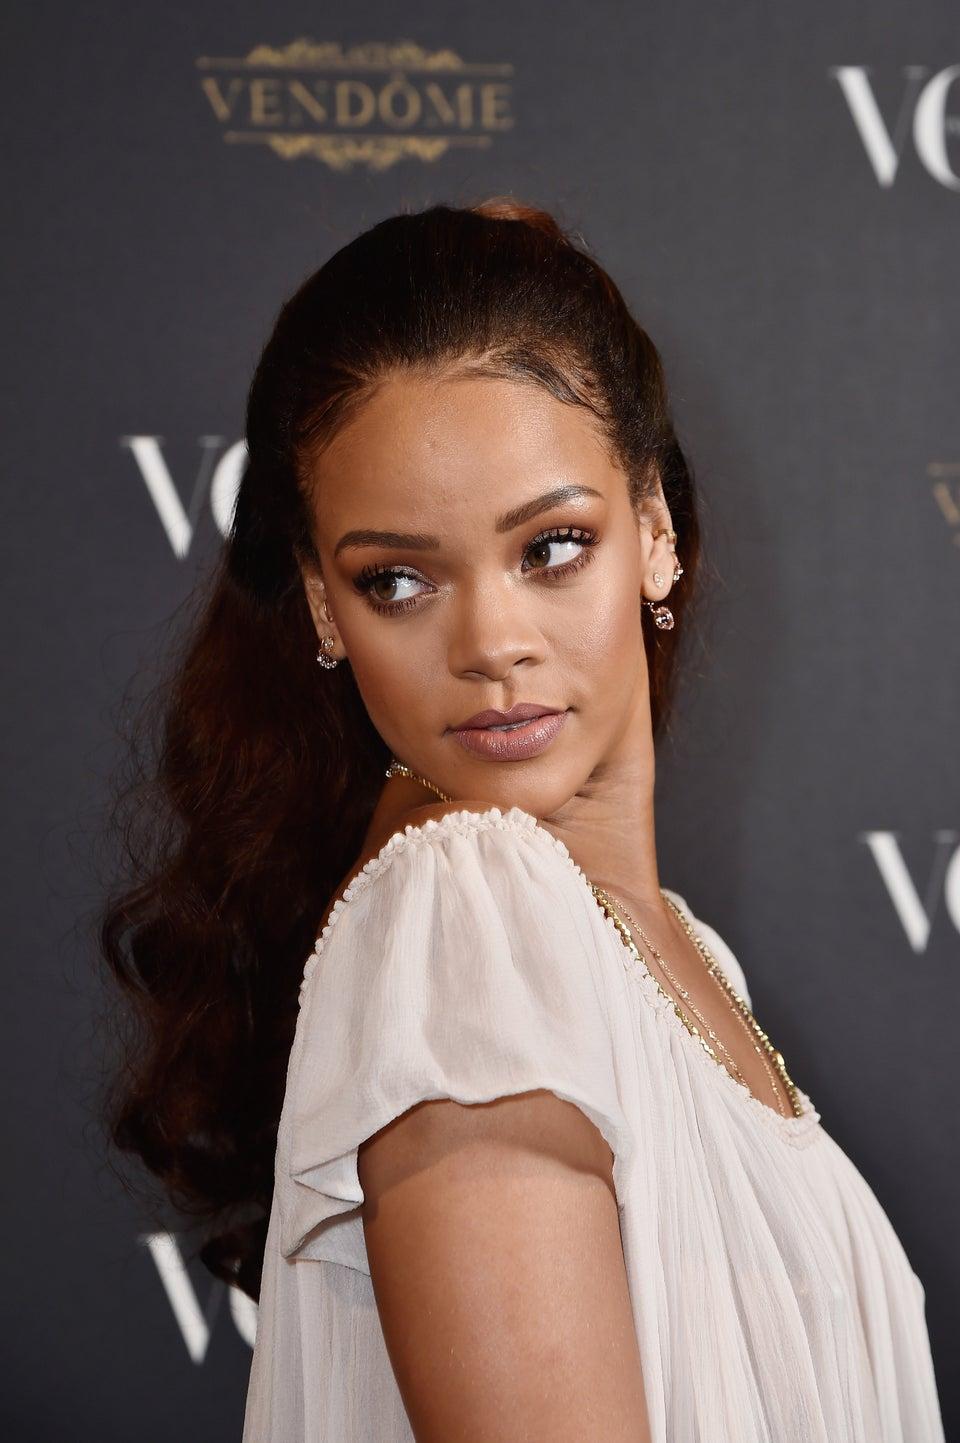 Rihanna Inks $25 Million Deal with Samsung